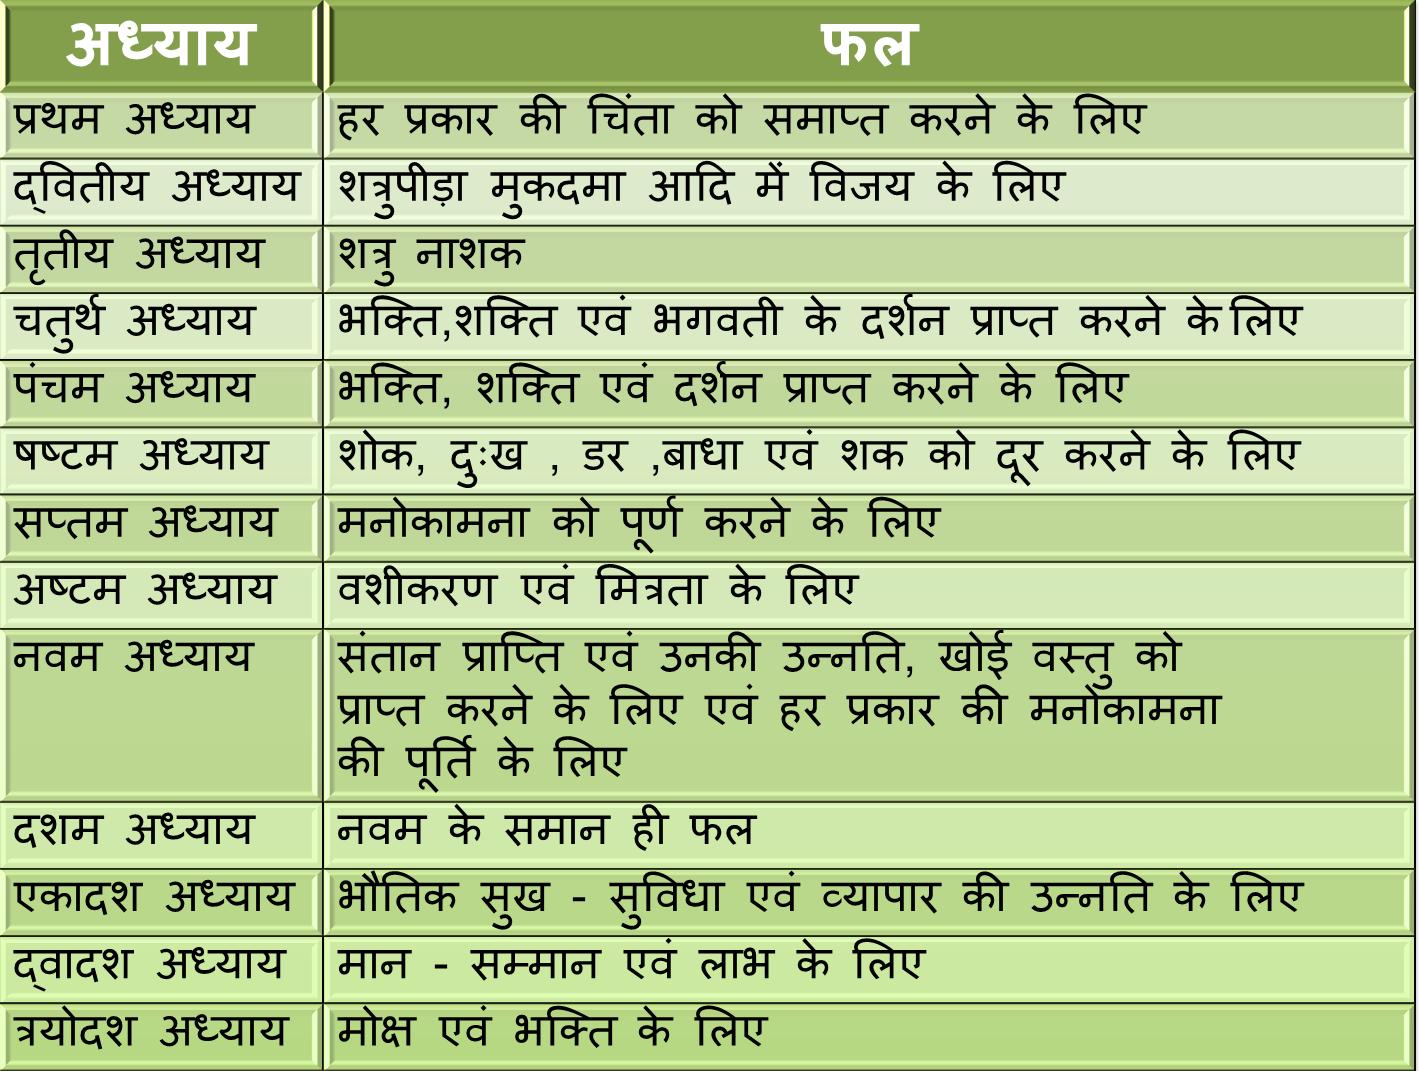 Durga saptashati in sanskrit pdf free download - www